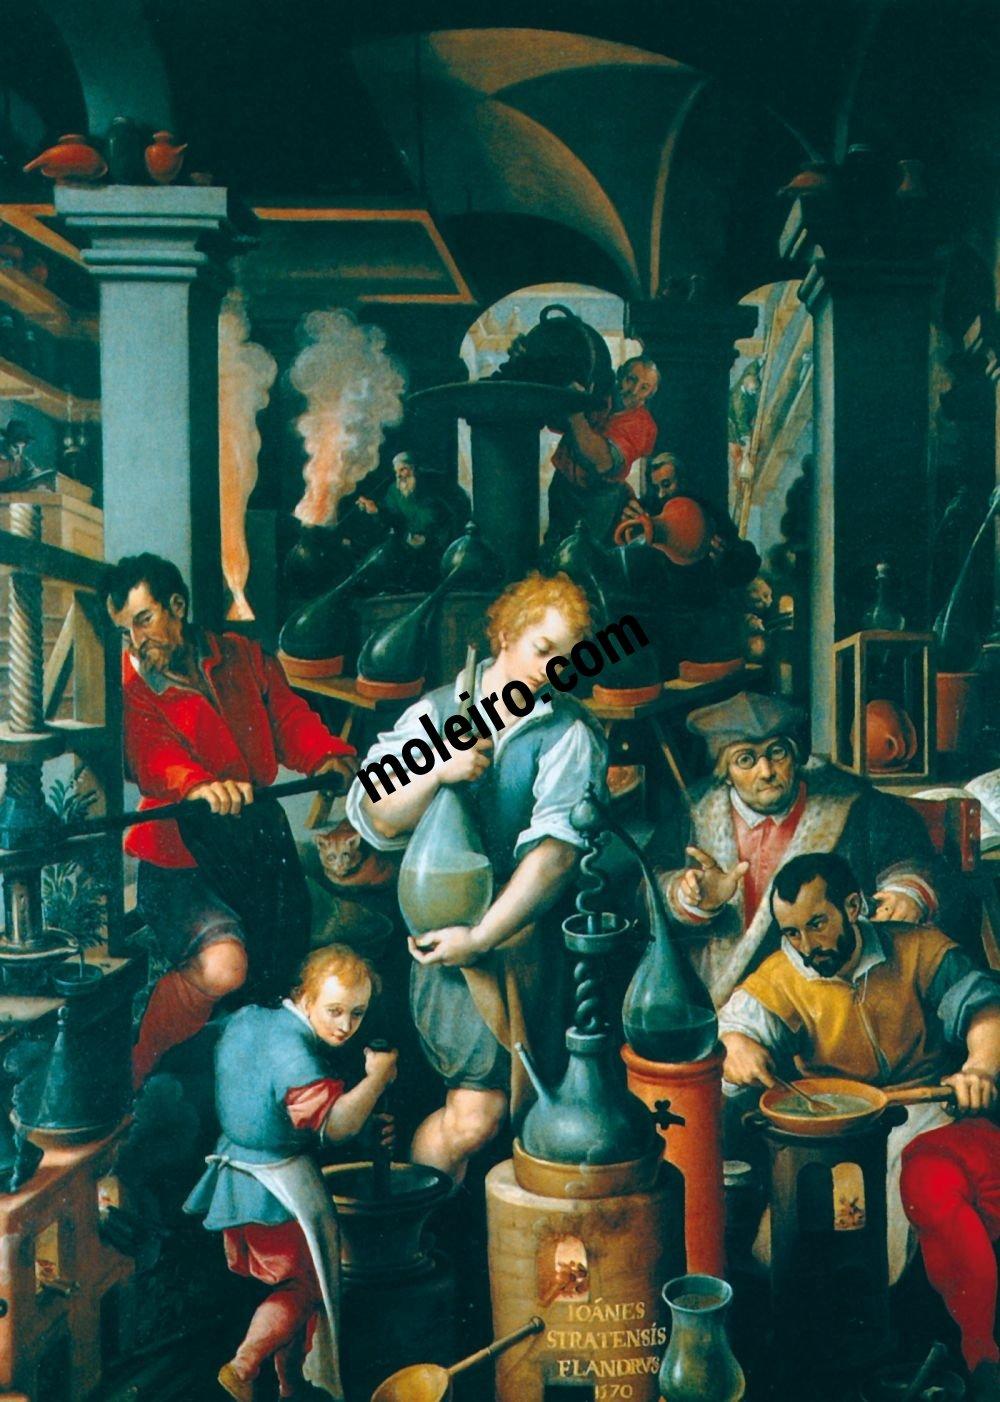 Talleres del Renacimiento Giovanni Stradano,El laboratorios de los alquimistas, Florencia, Palazzo Vecchio, Gabinette de Francisco I